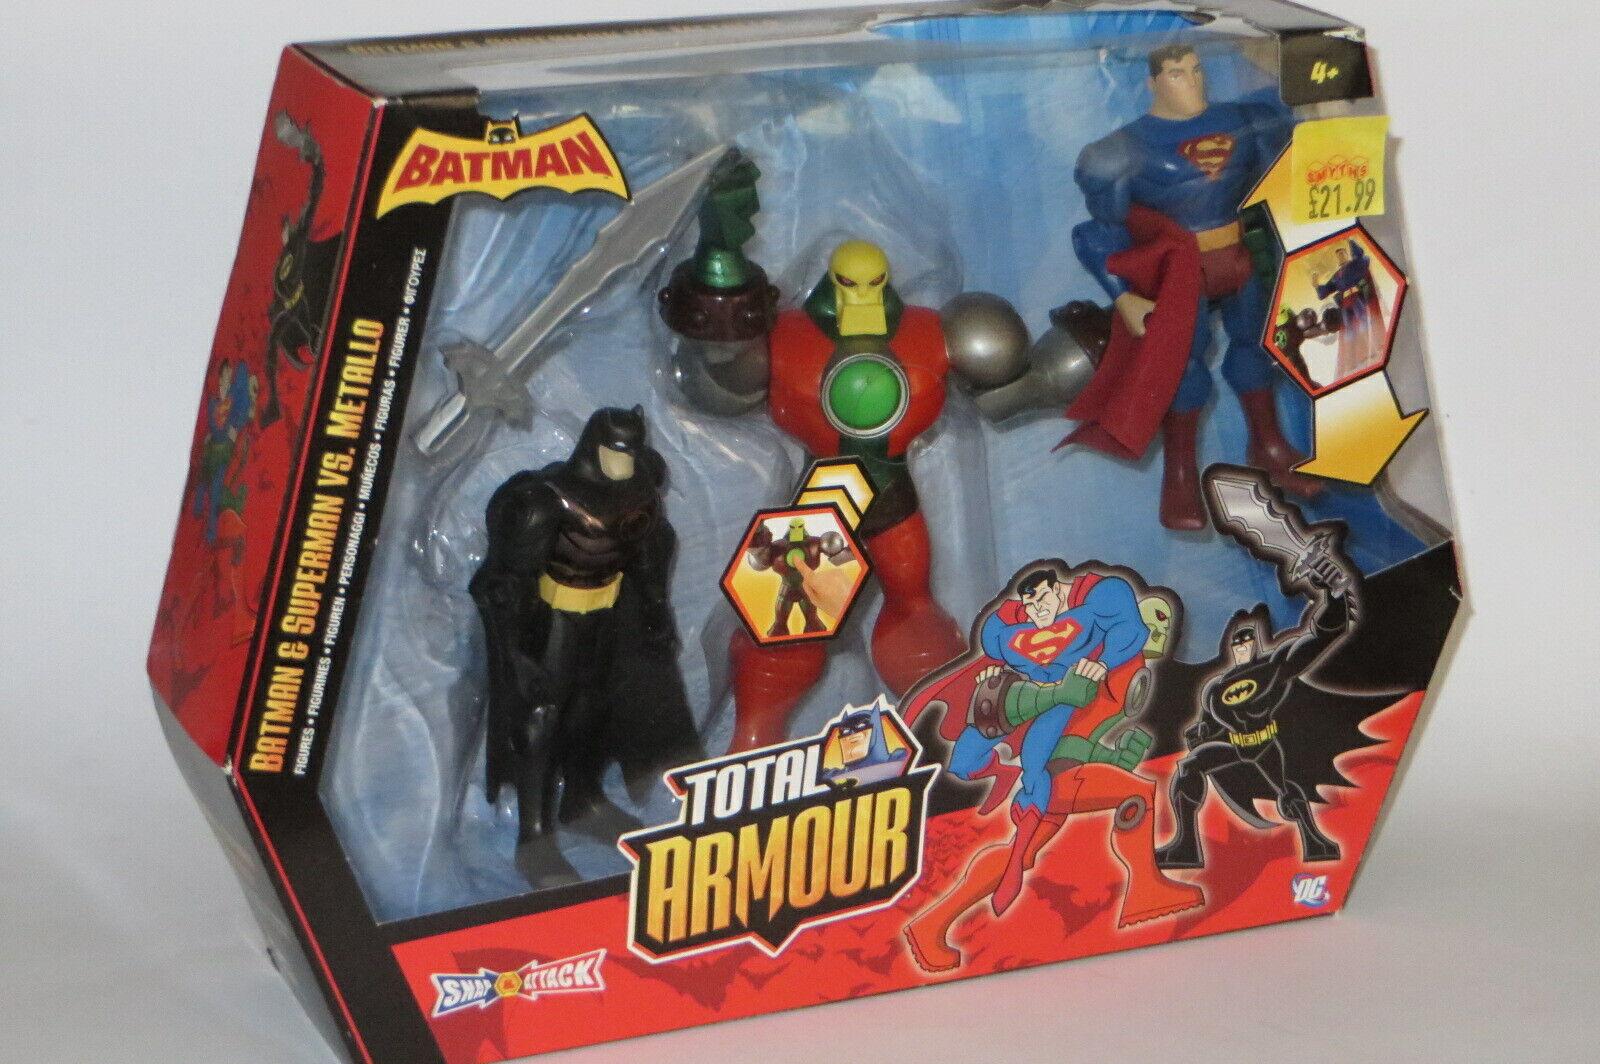 Batman dc pocket super super super heroes figure set robin catwoman two-face mib boxed 66524b